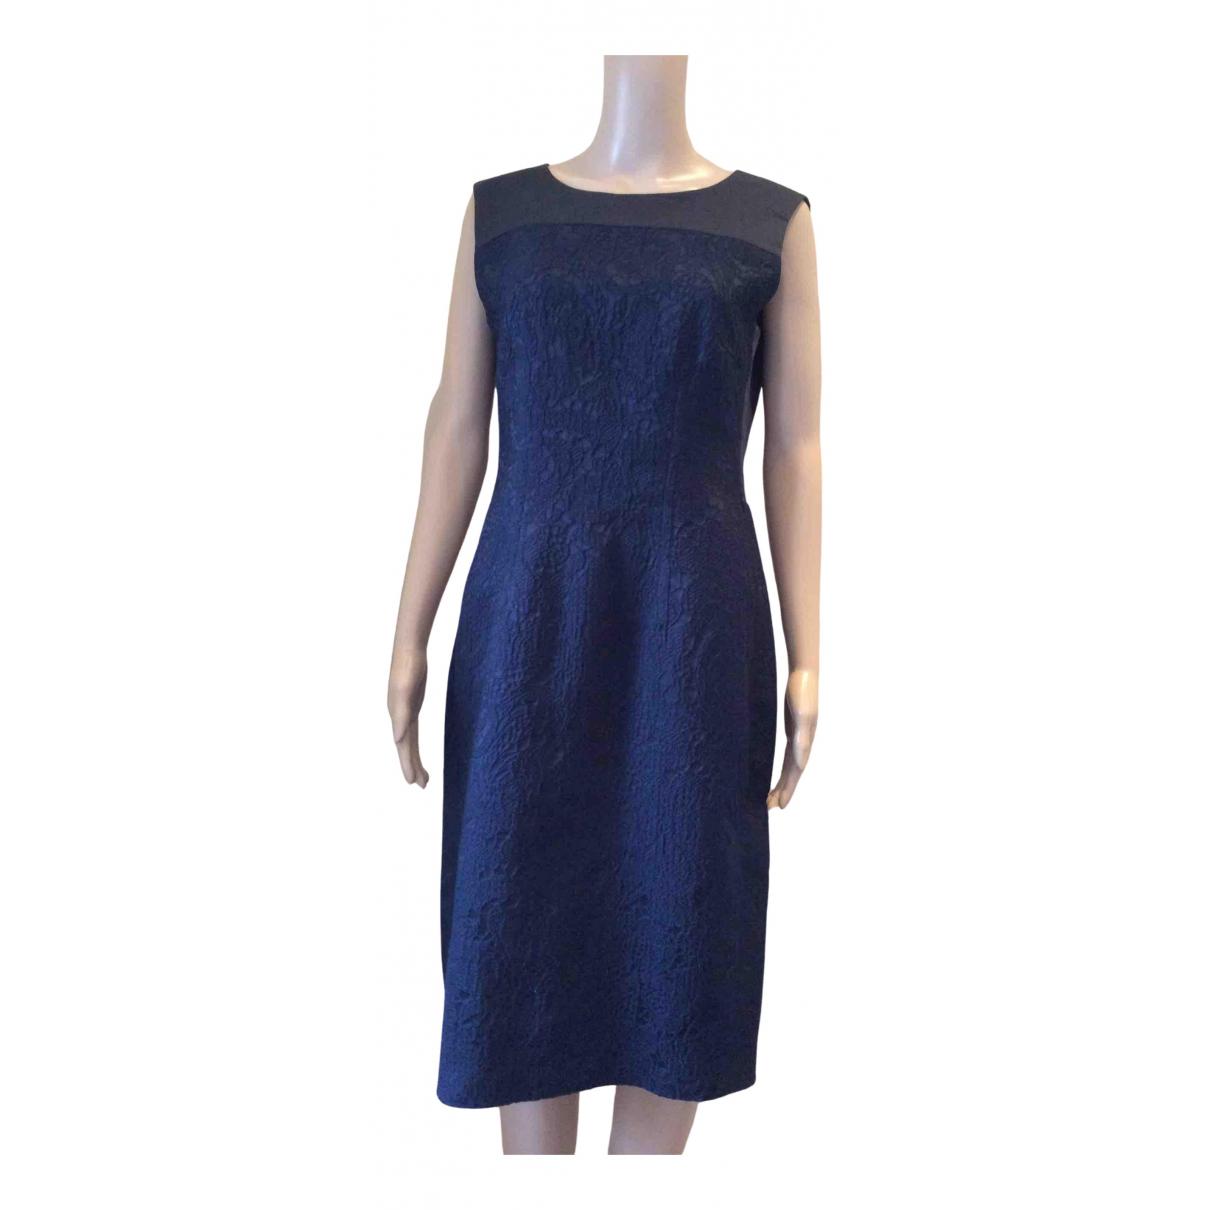 Max Mara \N Kleid in  Blau Synthetik